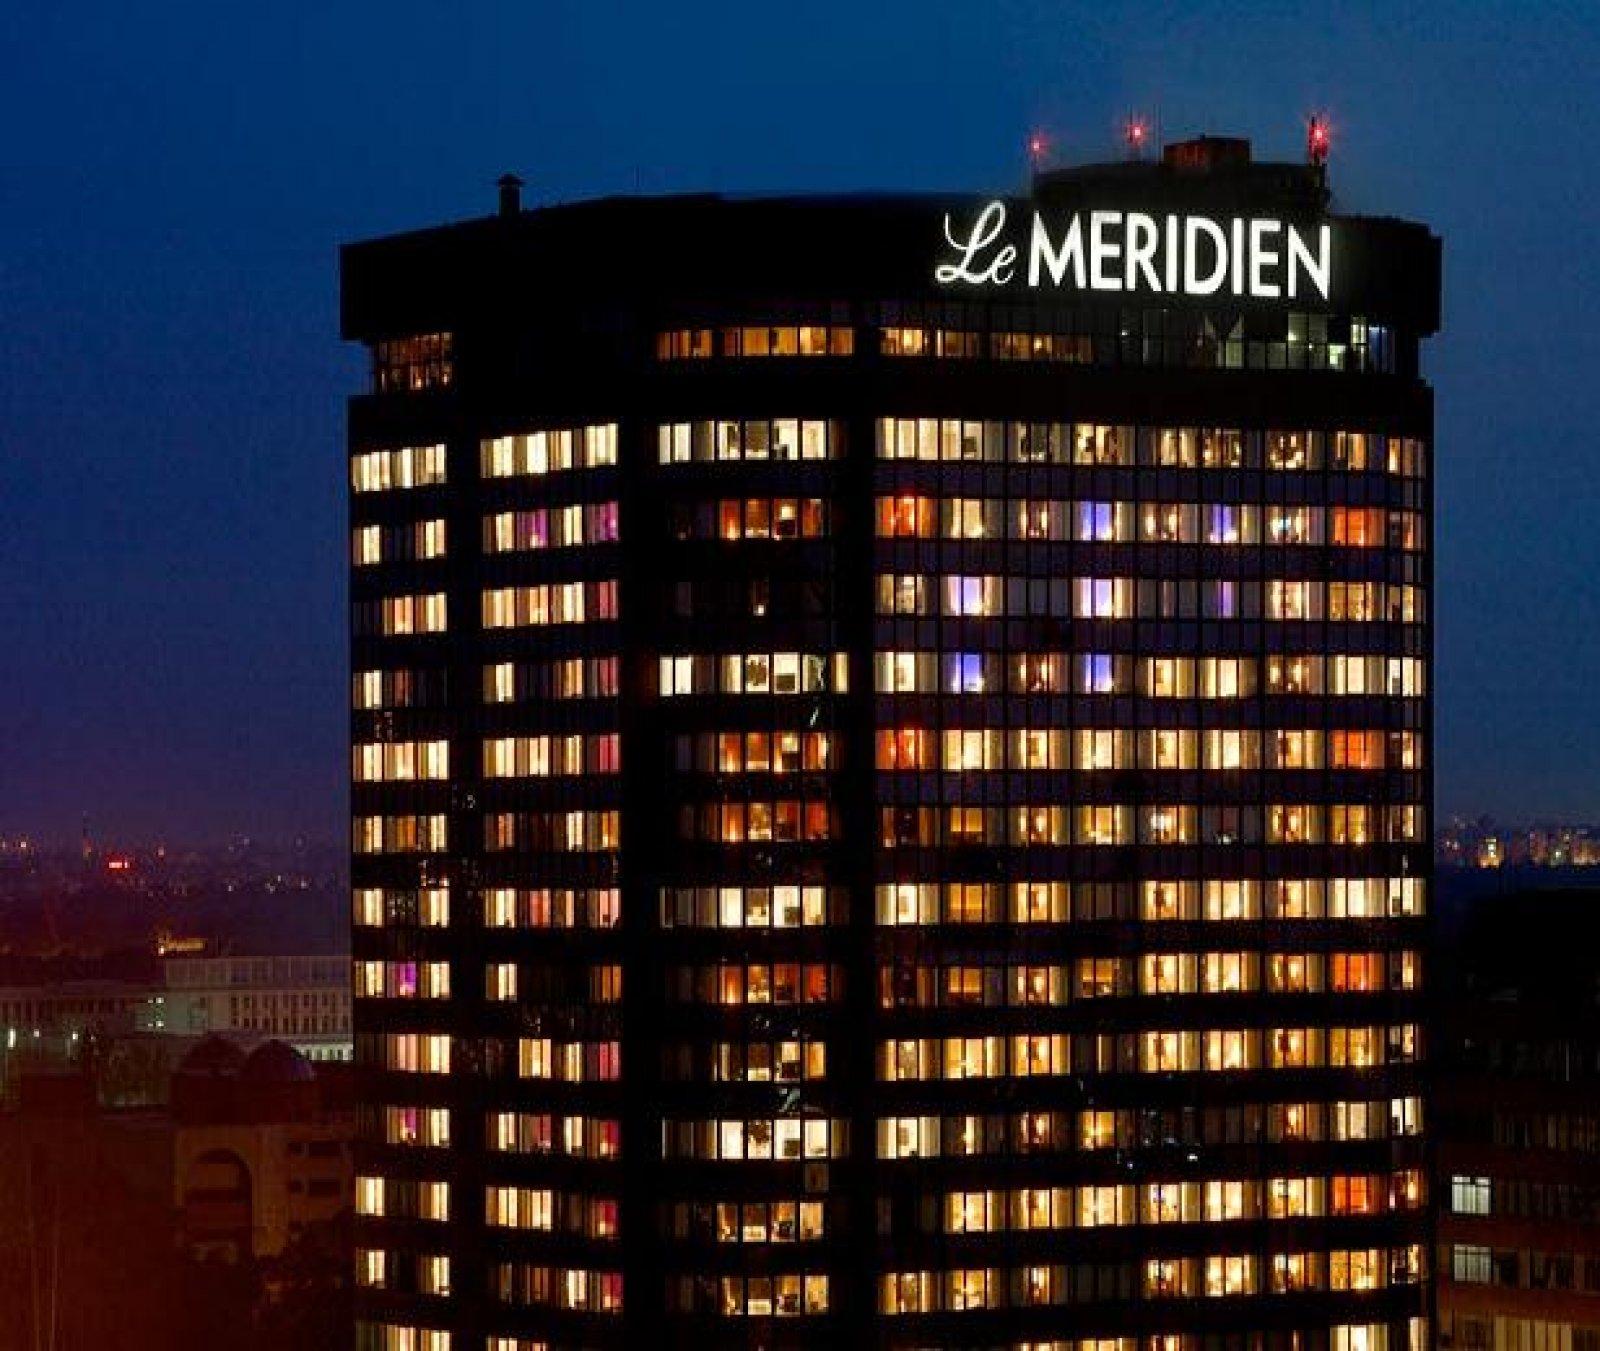 Le Merıdian Hotel